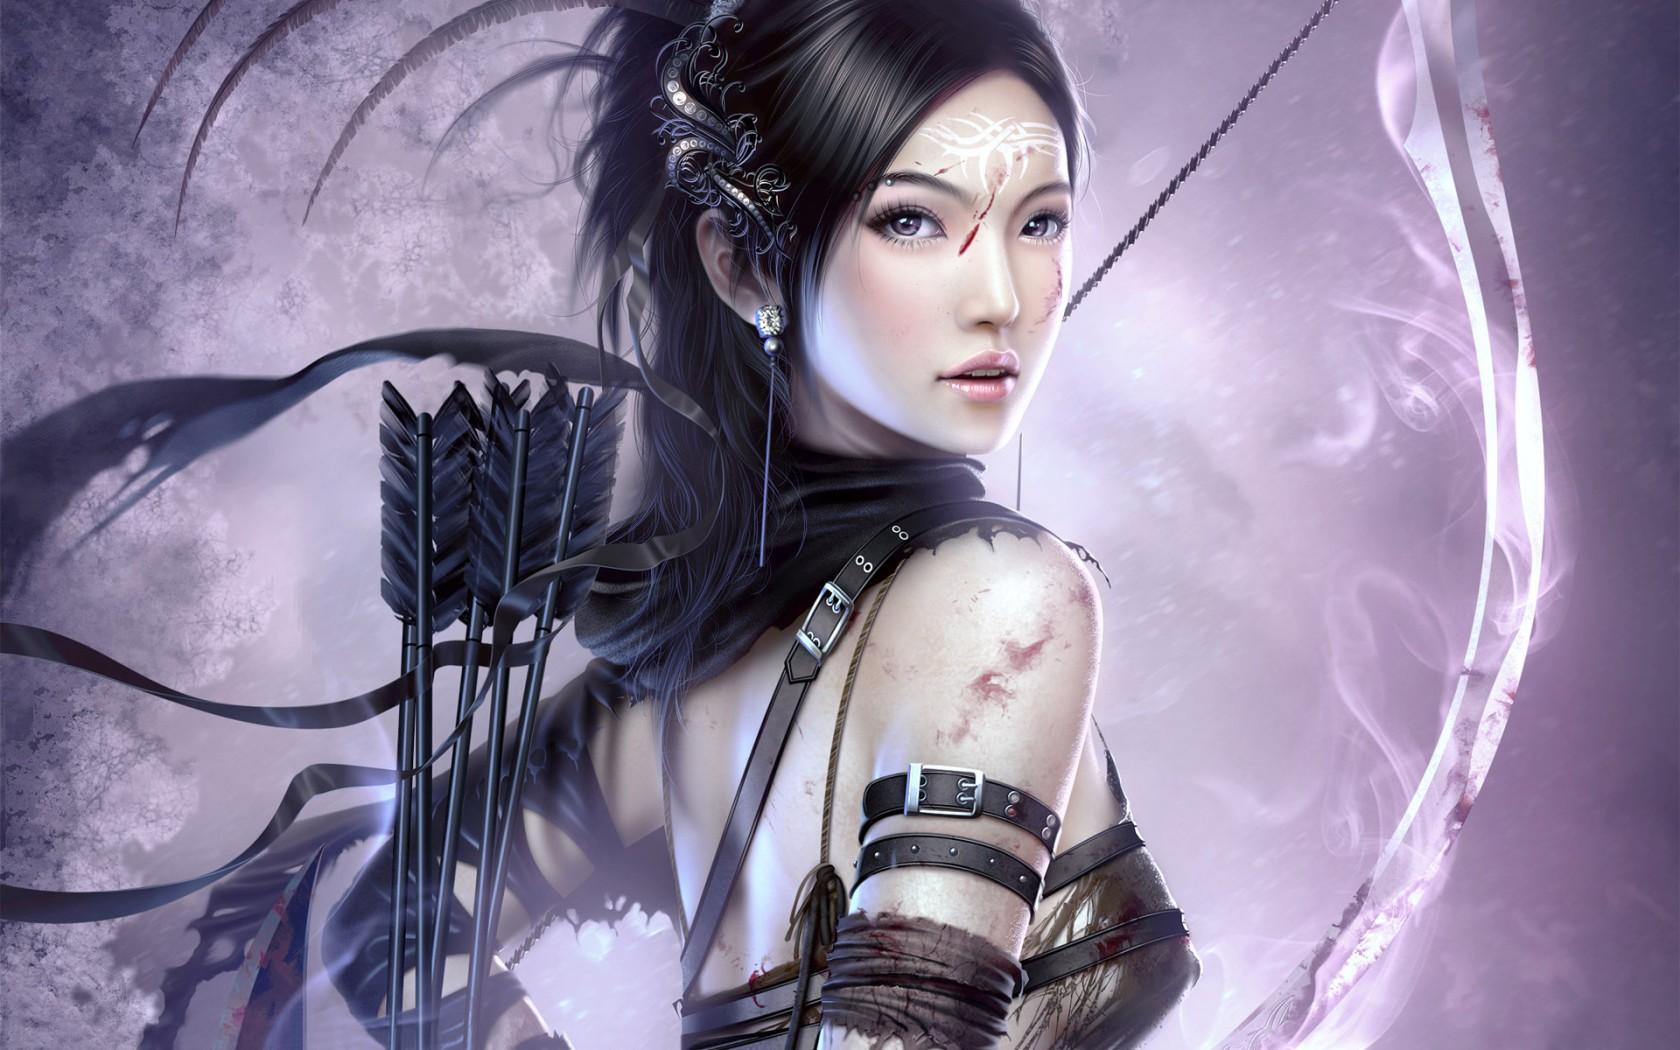 Fantasy women 11884 1680x1050 px hdwallsource fantasy women 11884 voltagebd Images